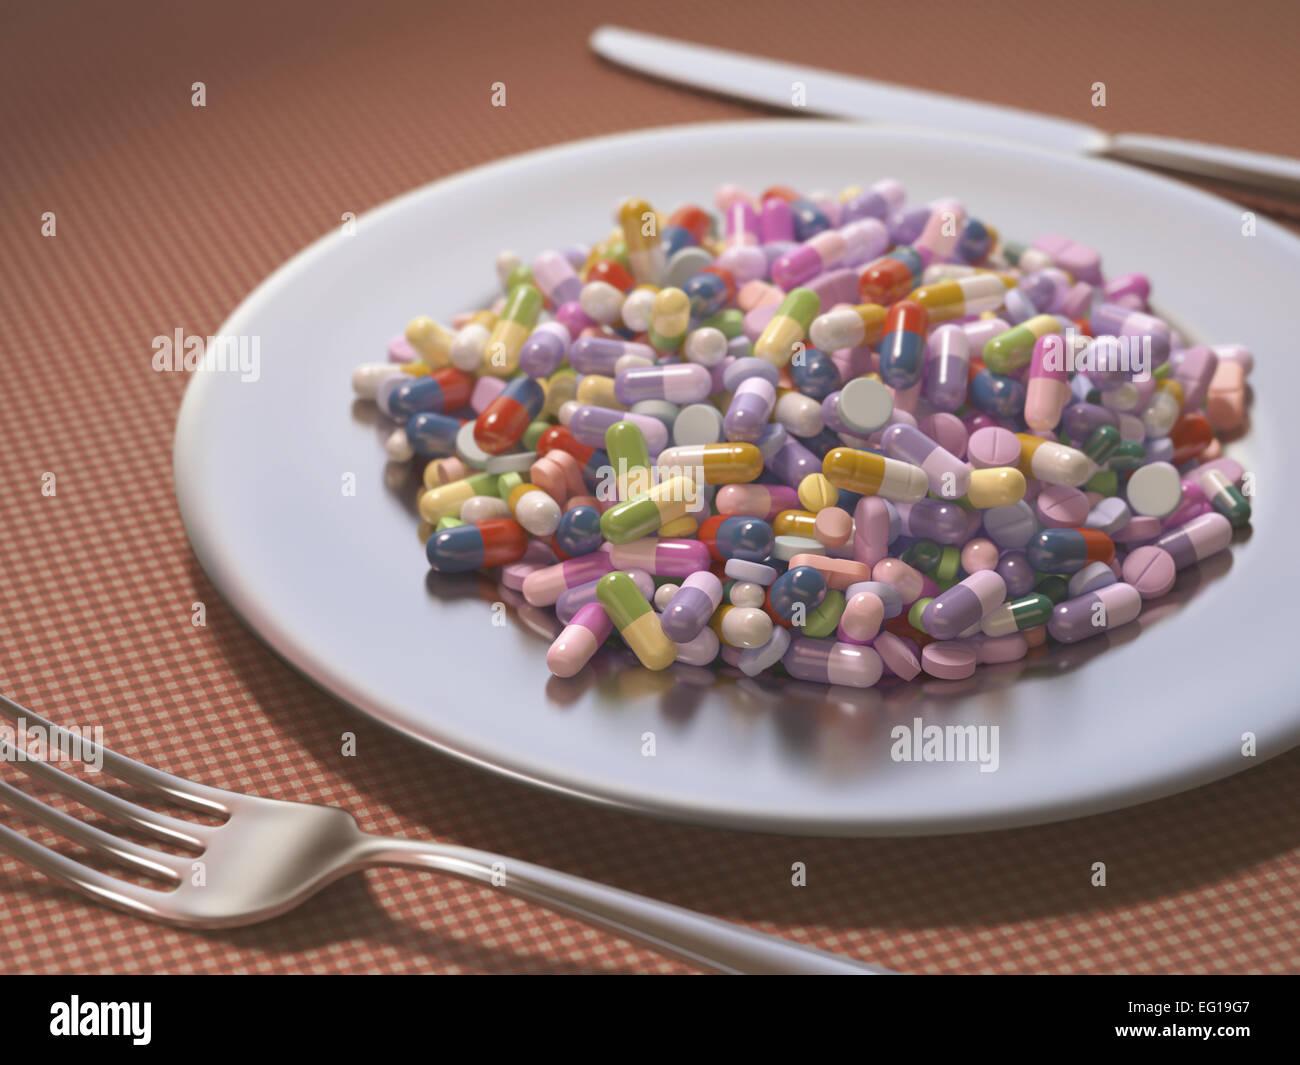 Piatto pieno di farmaci e supplementi invece di cibo. Immagini Stock